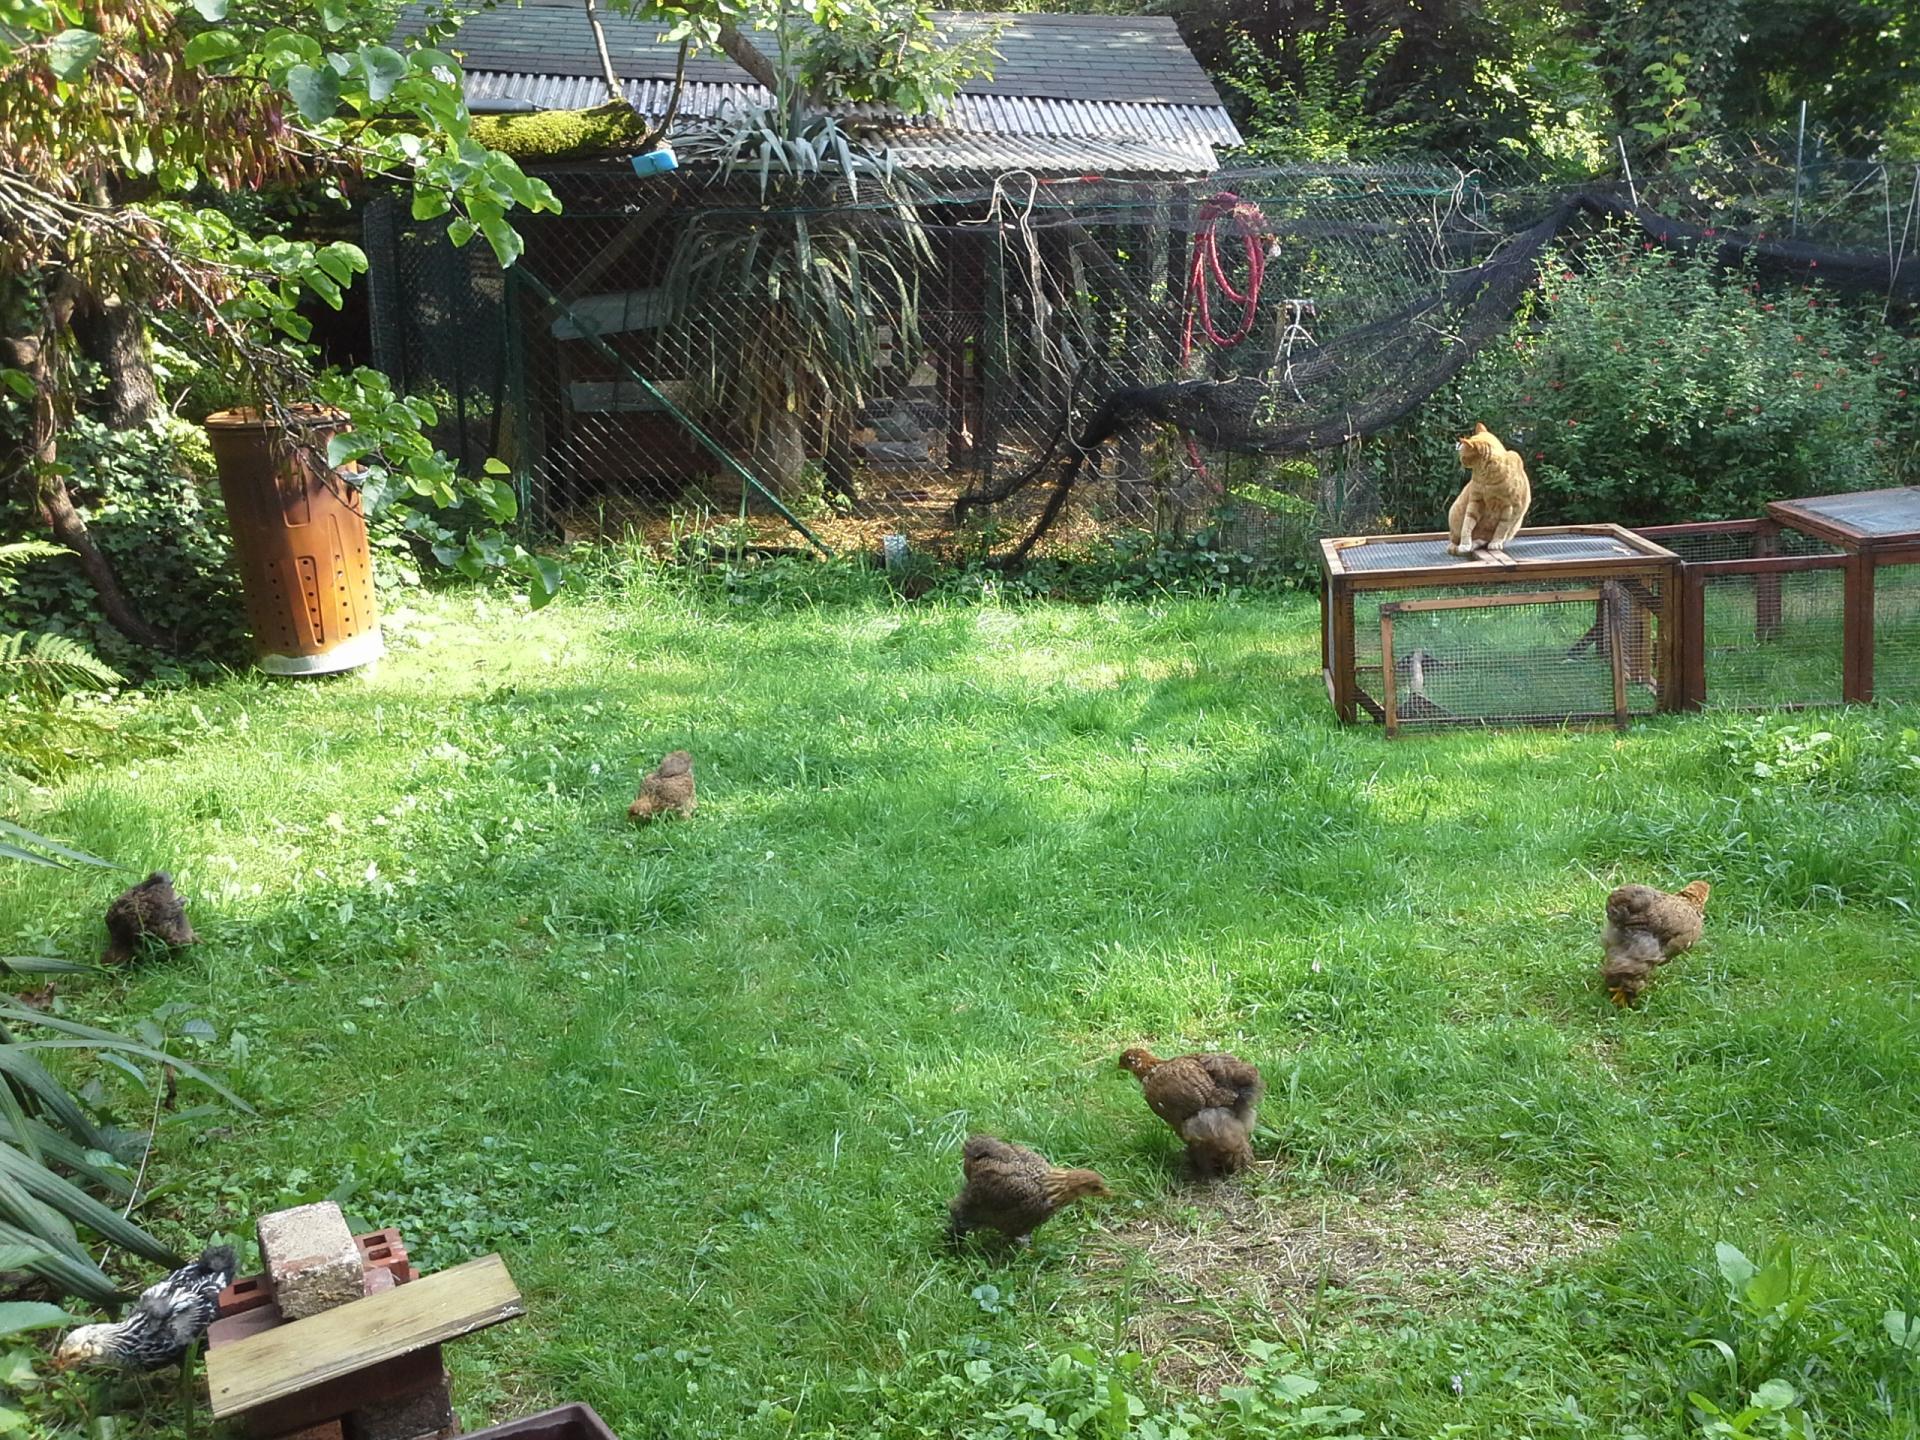 Les poussins dans le bas du jardin